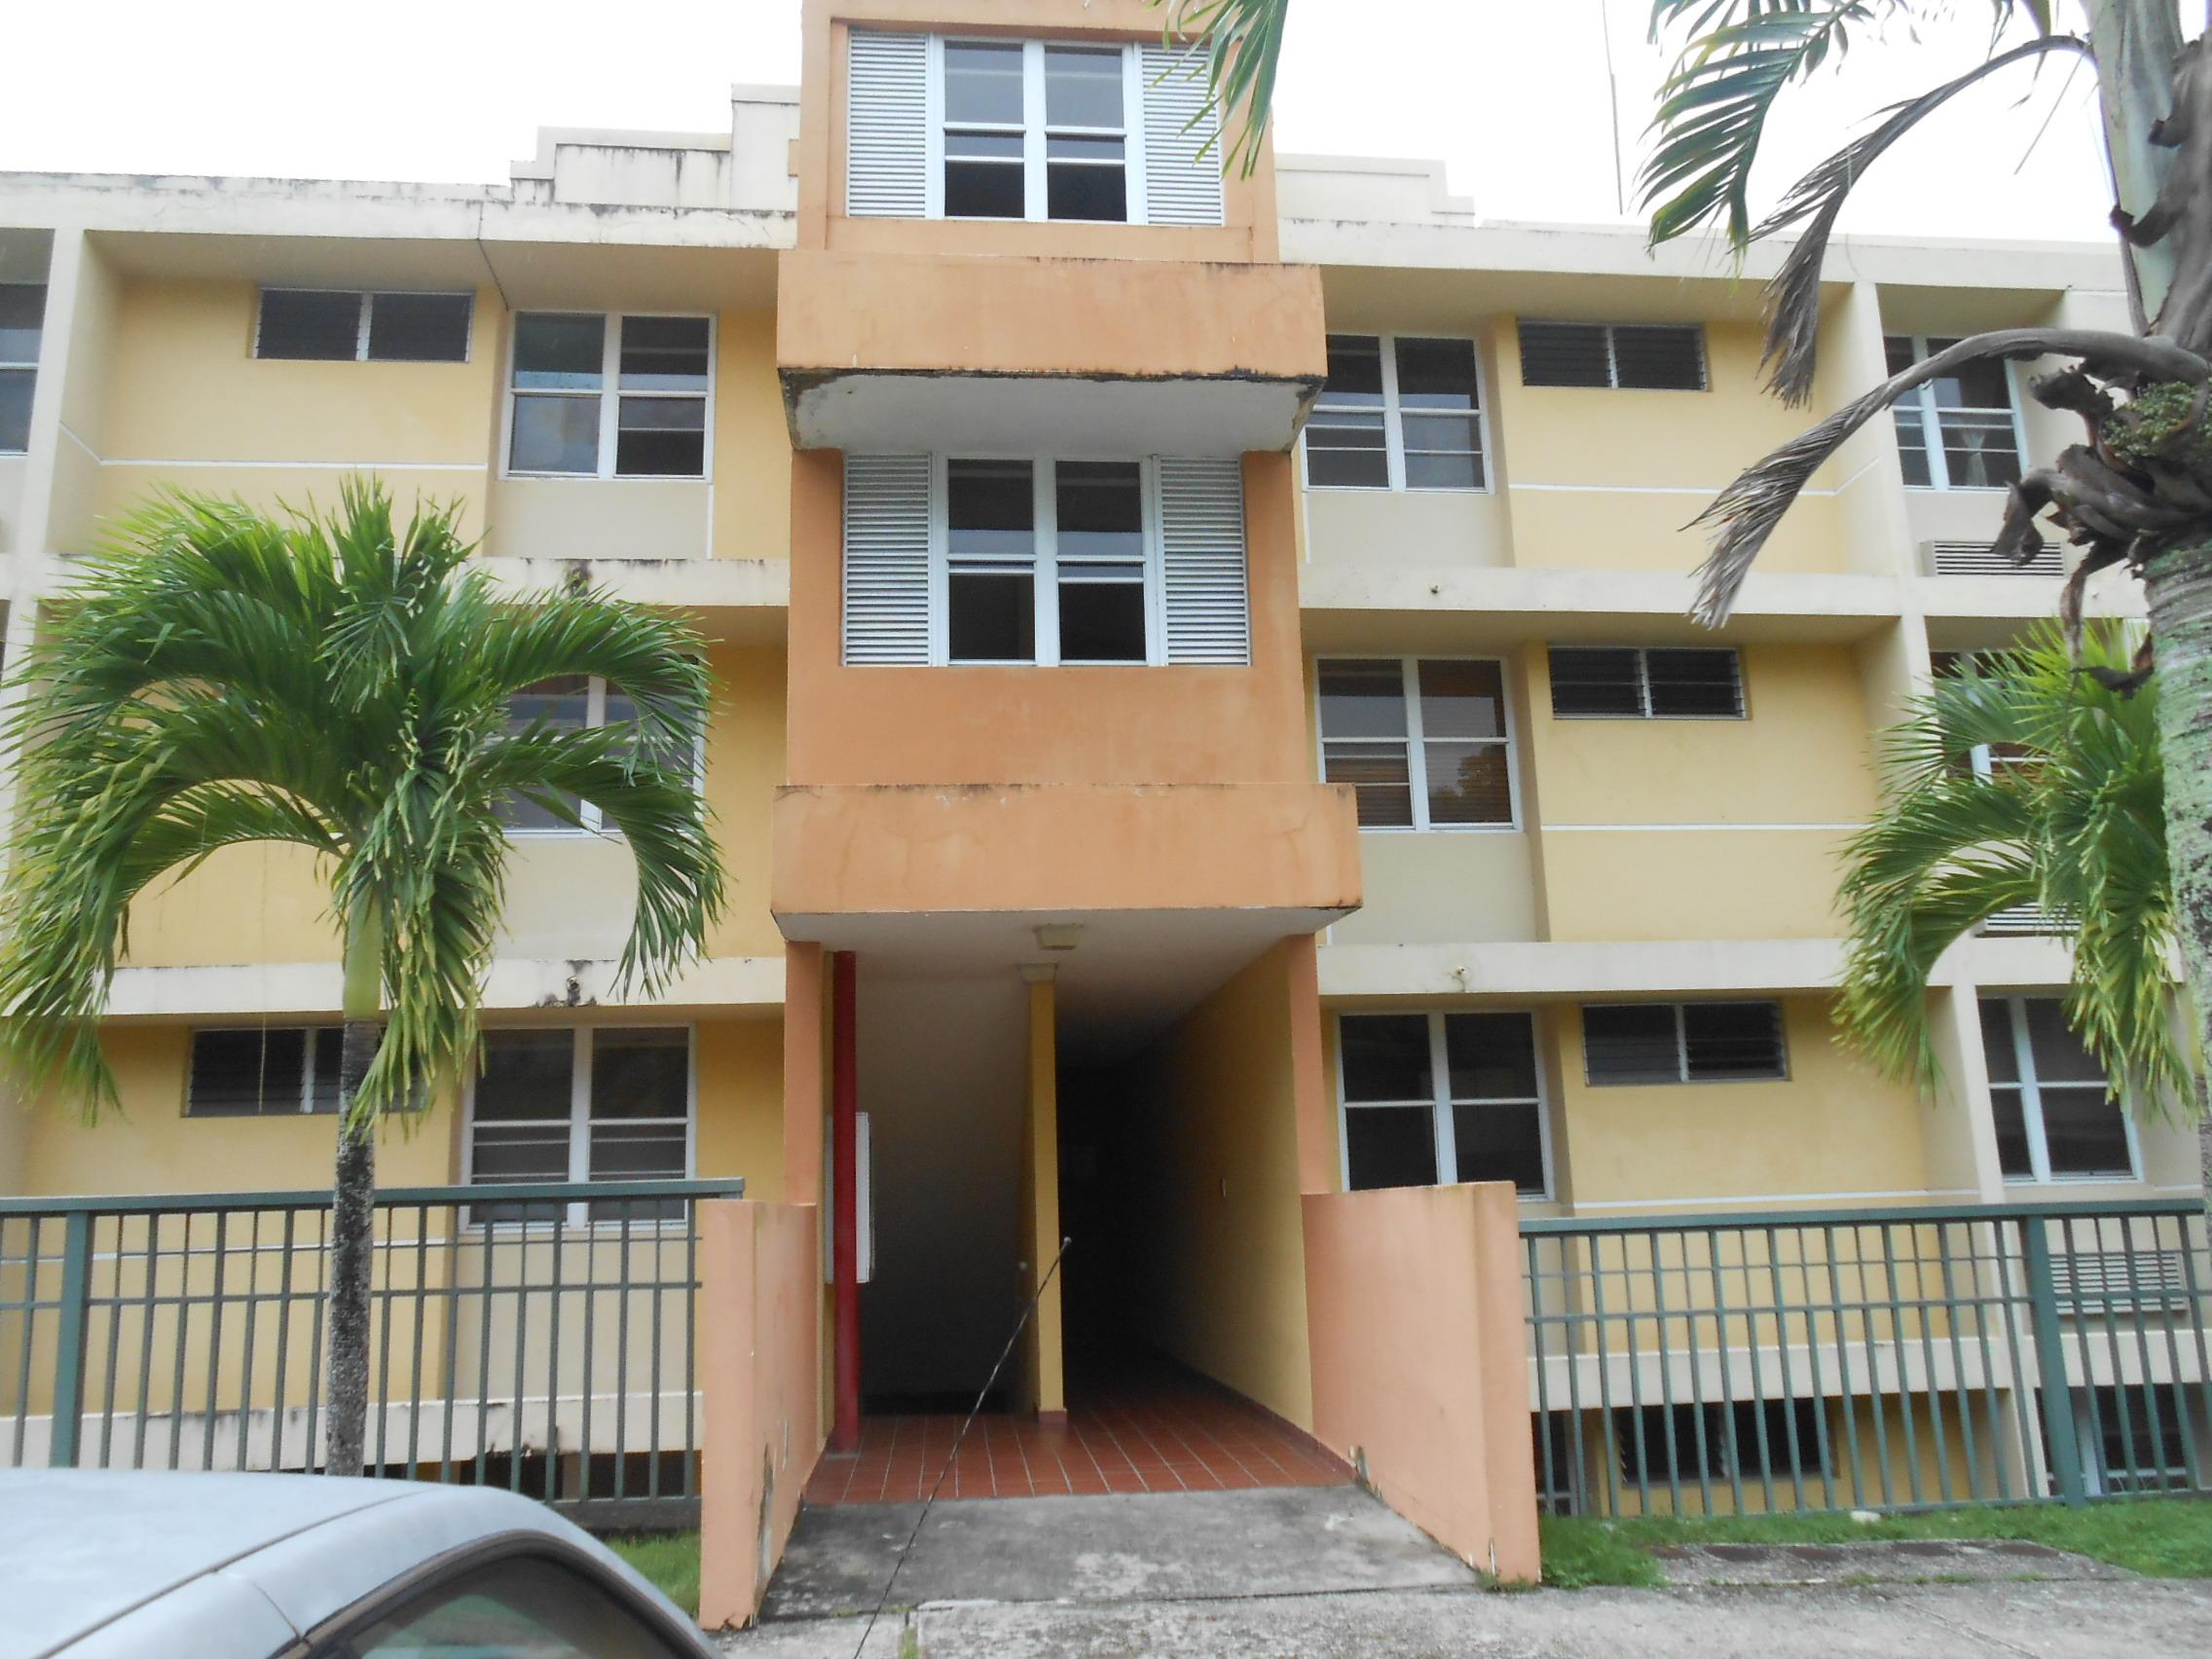 1203 Montesol San Juan, Pr, 00926 San Juan County San Juan, PR 00926